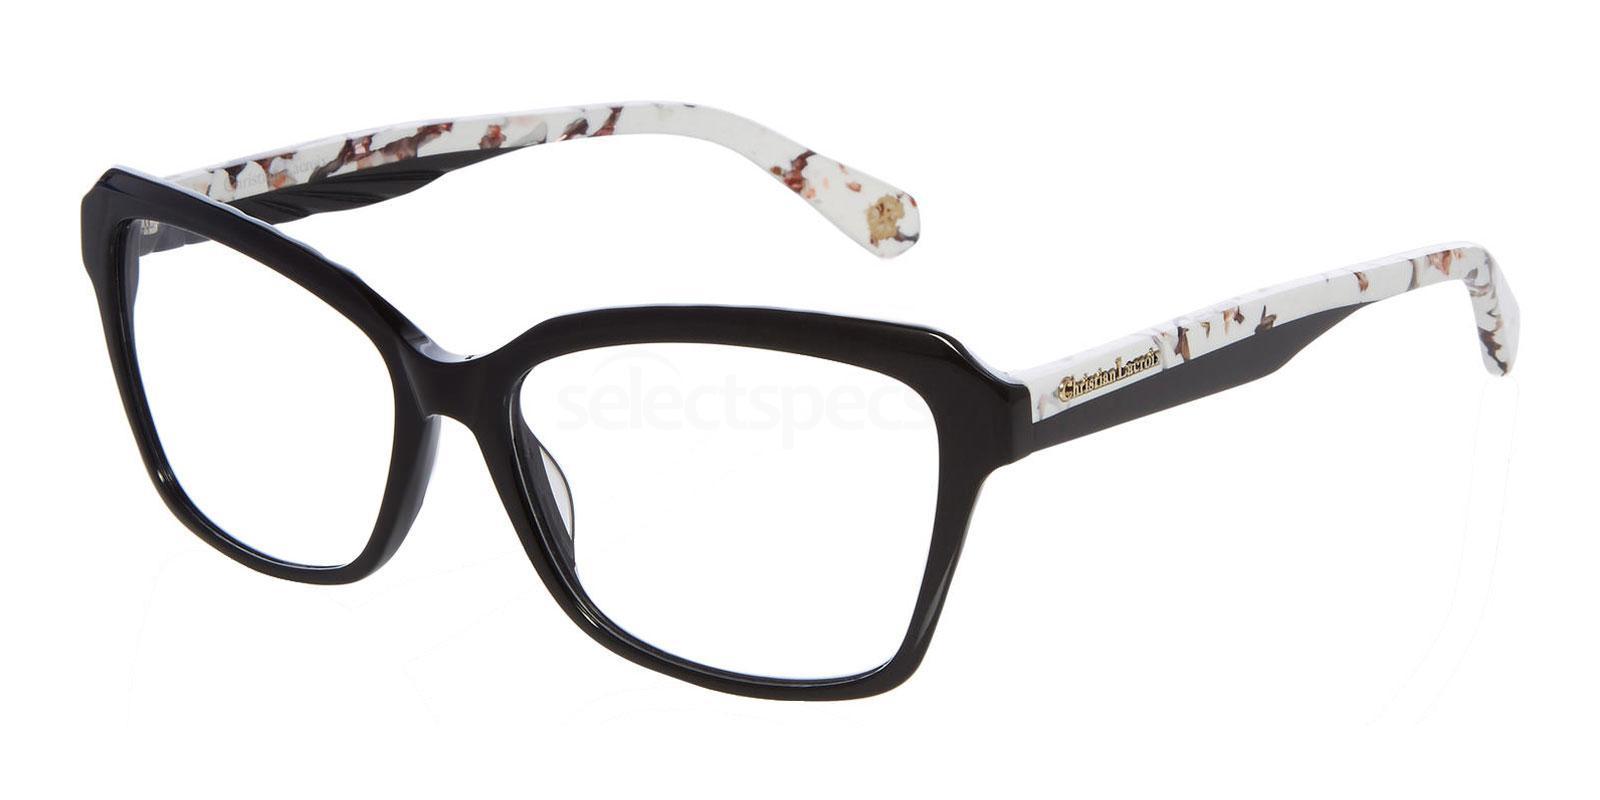 001 CL1072 Glasses, Christian Lacroix